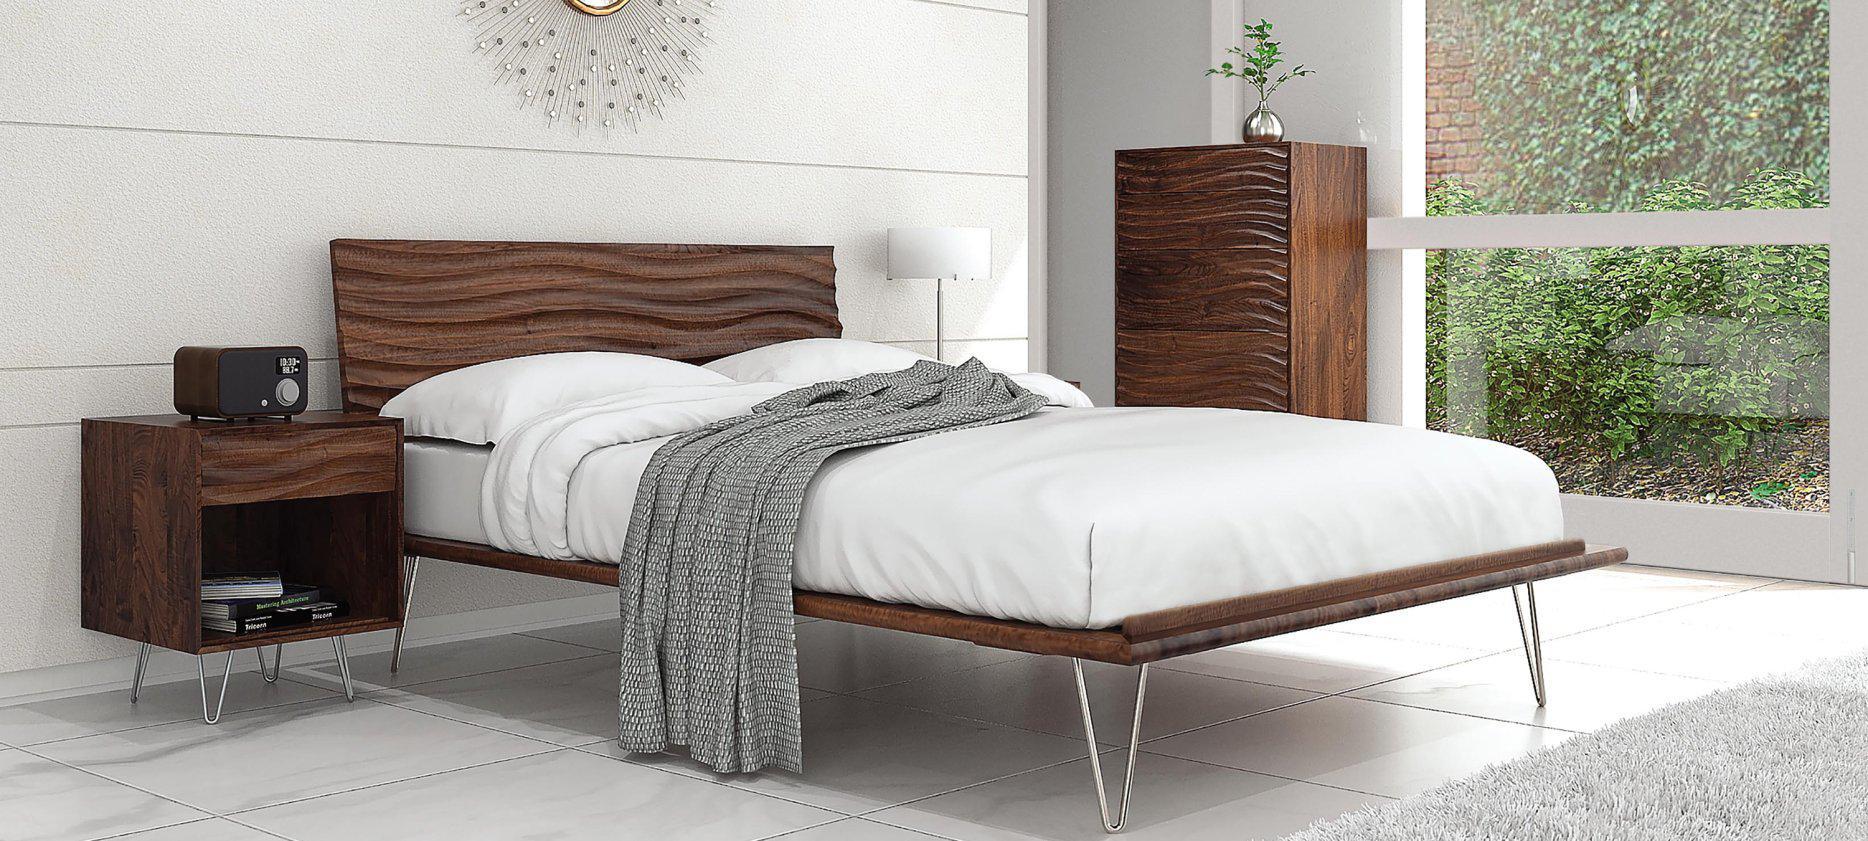 Copeland Furniture Rypen